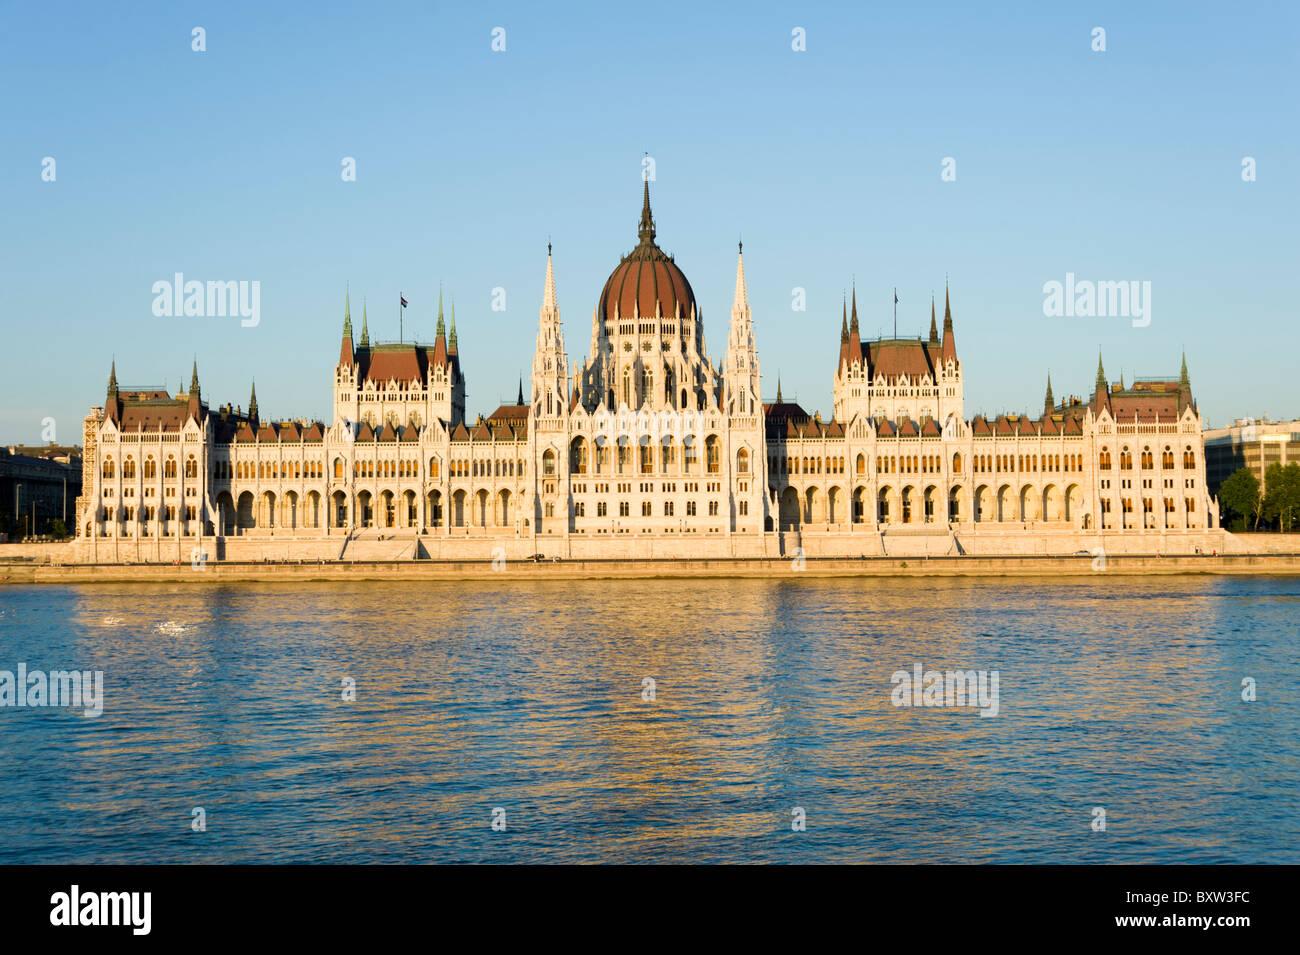 Parlamentsgebäude in Budapest, Ungarn Stockbild